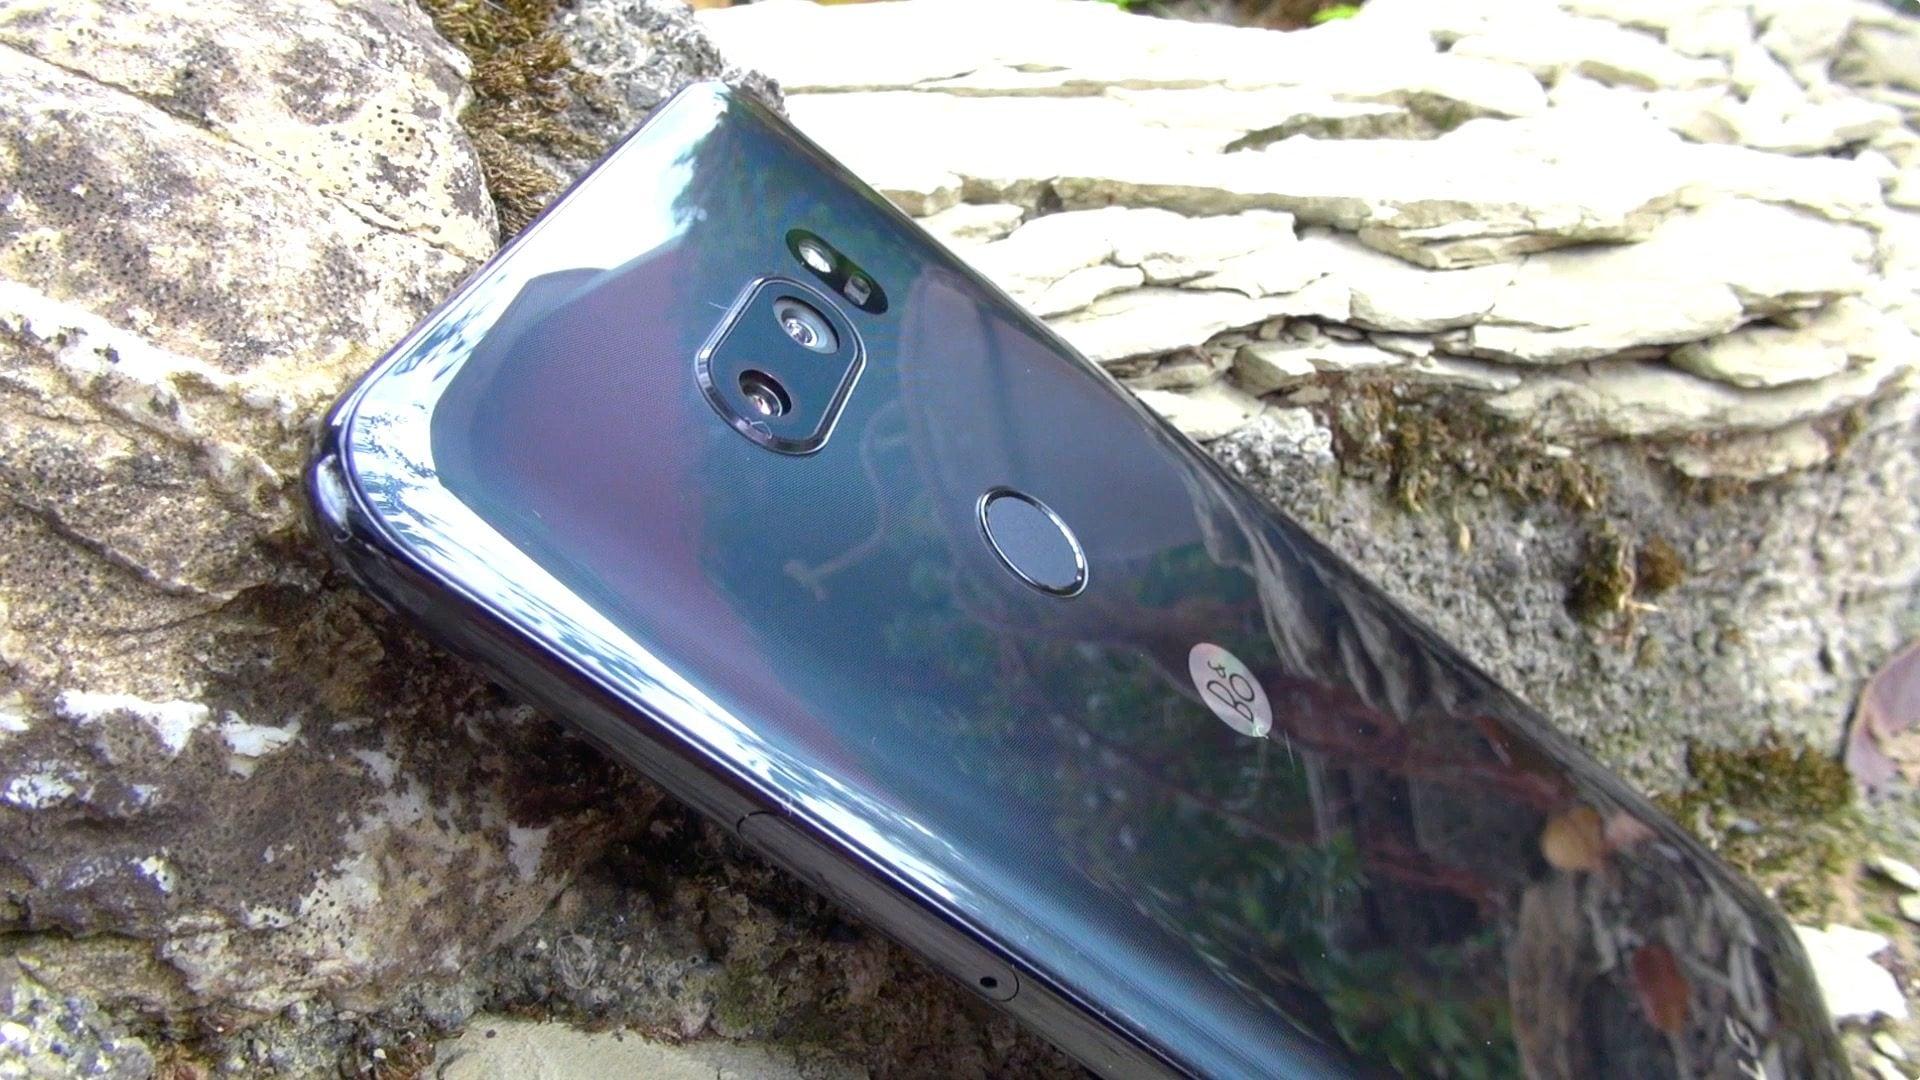 Recensione LG V30: caratteristiche tecniche, prezzo e data di vendita in Italia